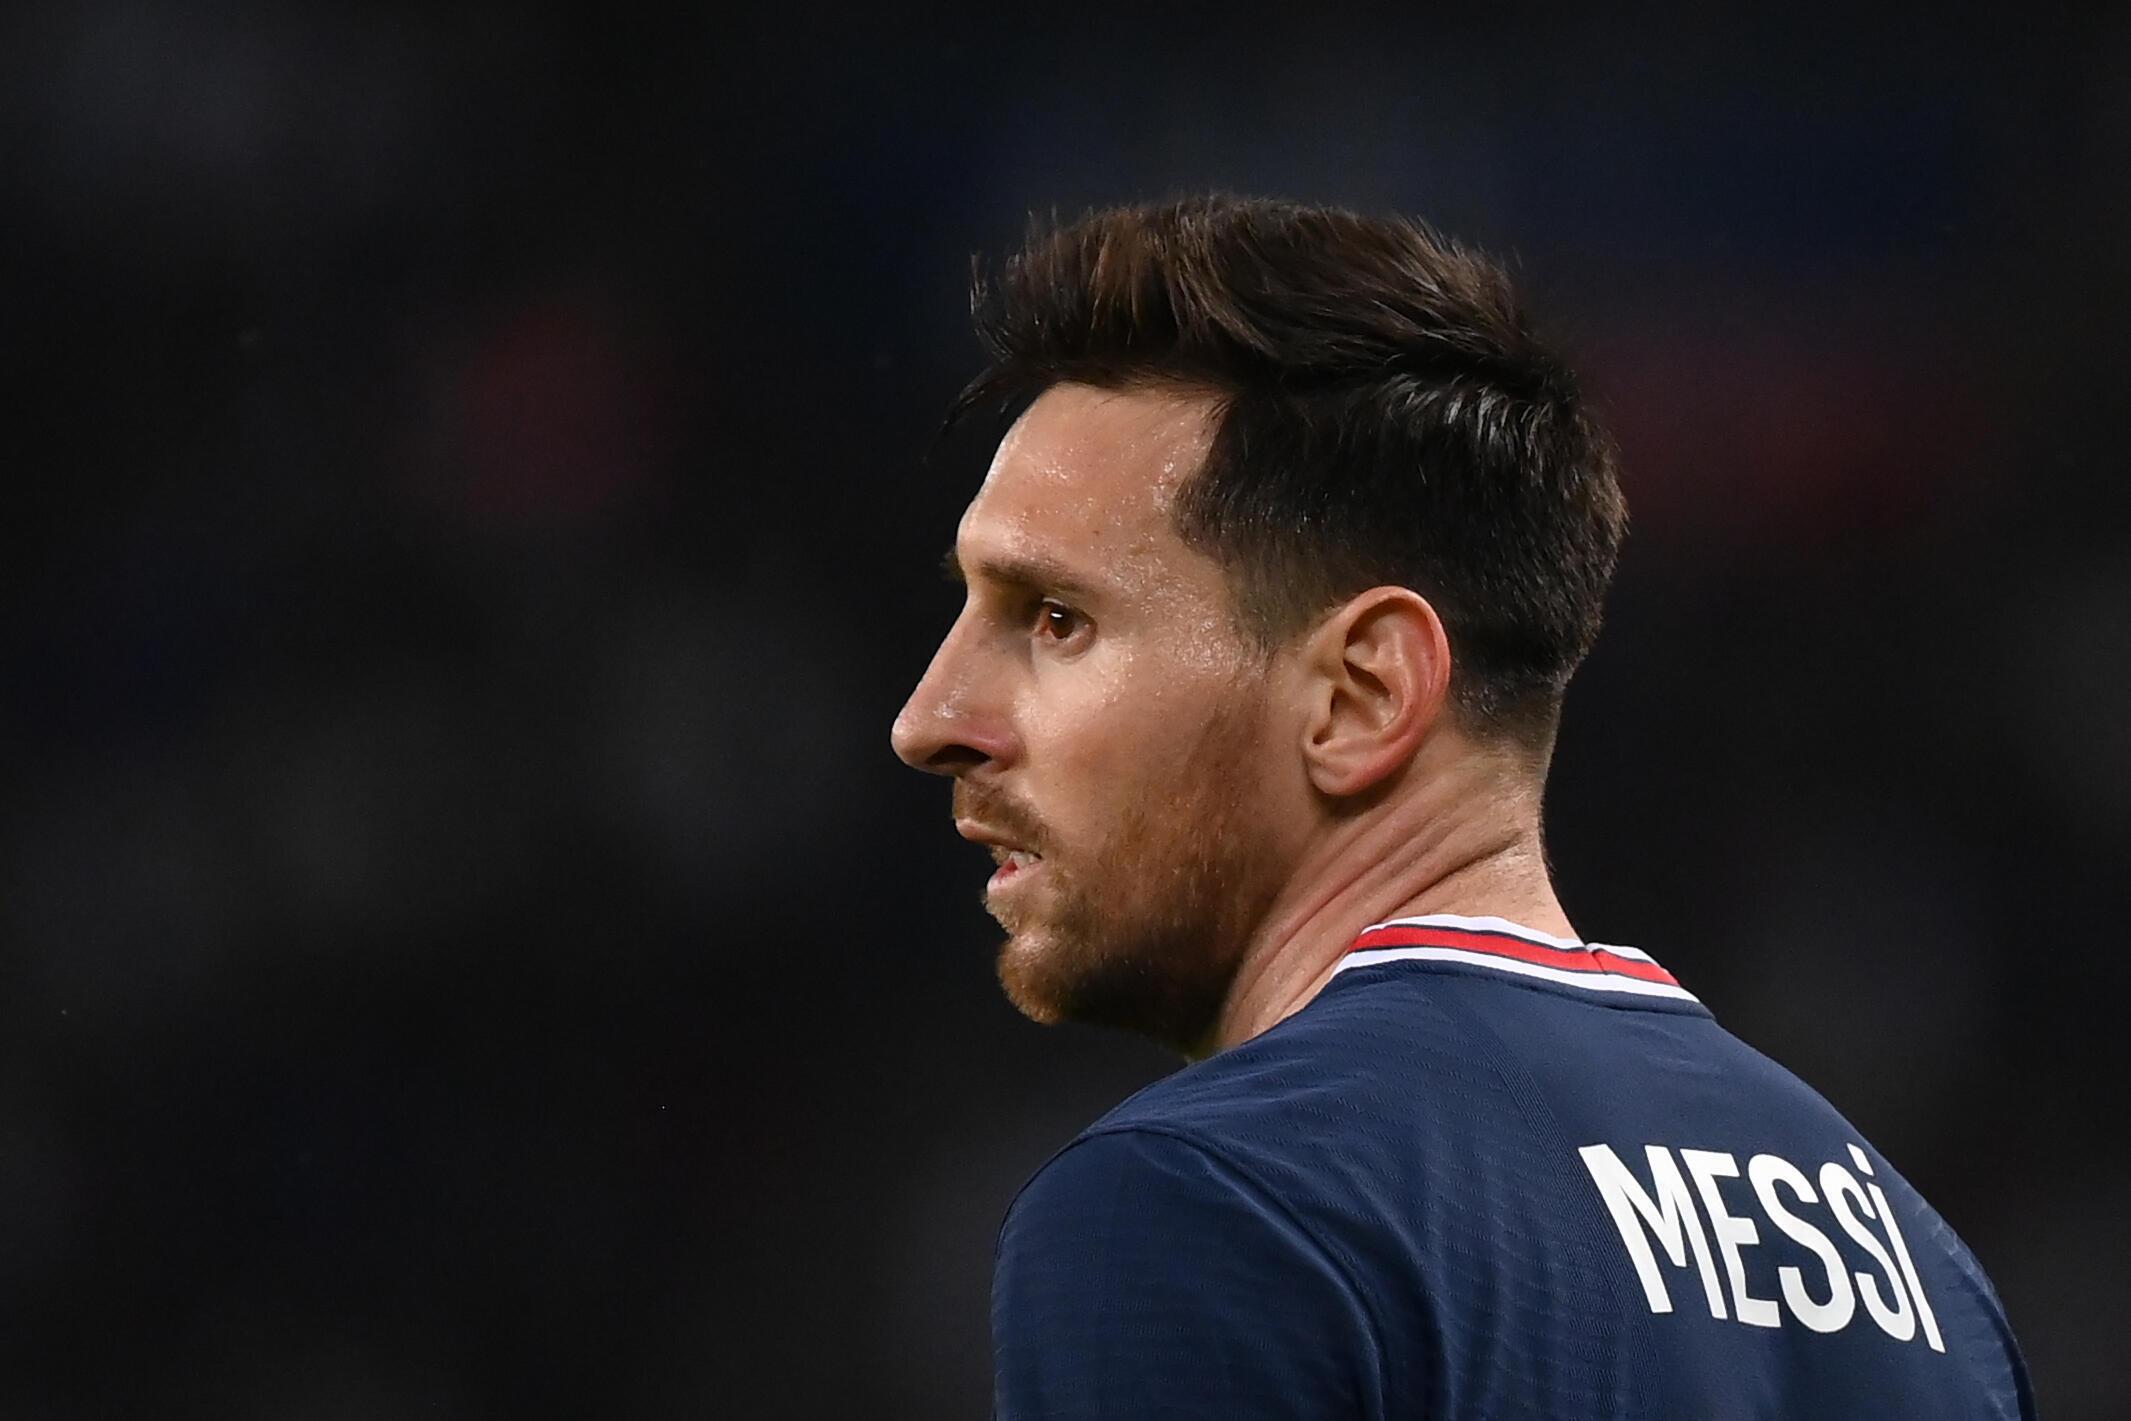 L'attaquant argentin du Paris Saint-Germain, Lionel Messi, lors du match de Ligue à domicile contre Lyon, le 19 septembre 2021 au Parc des Princes